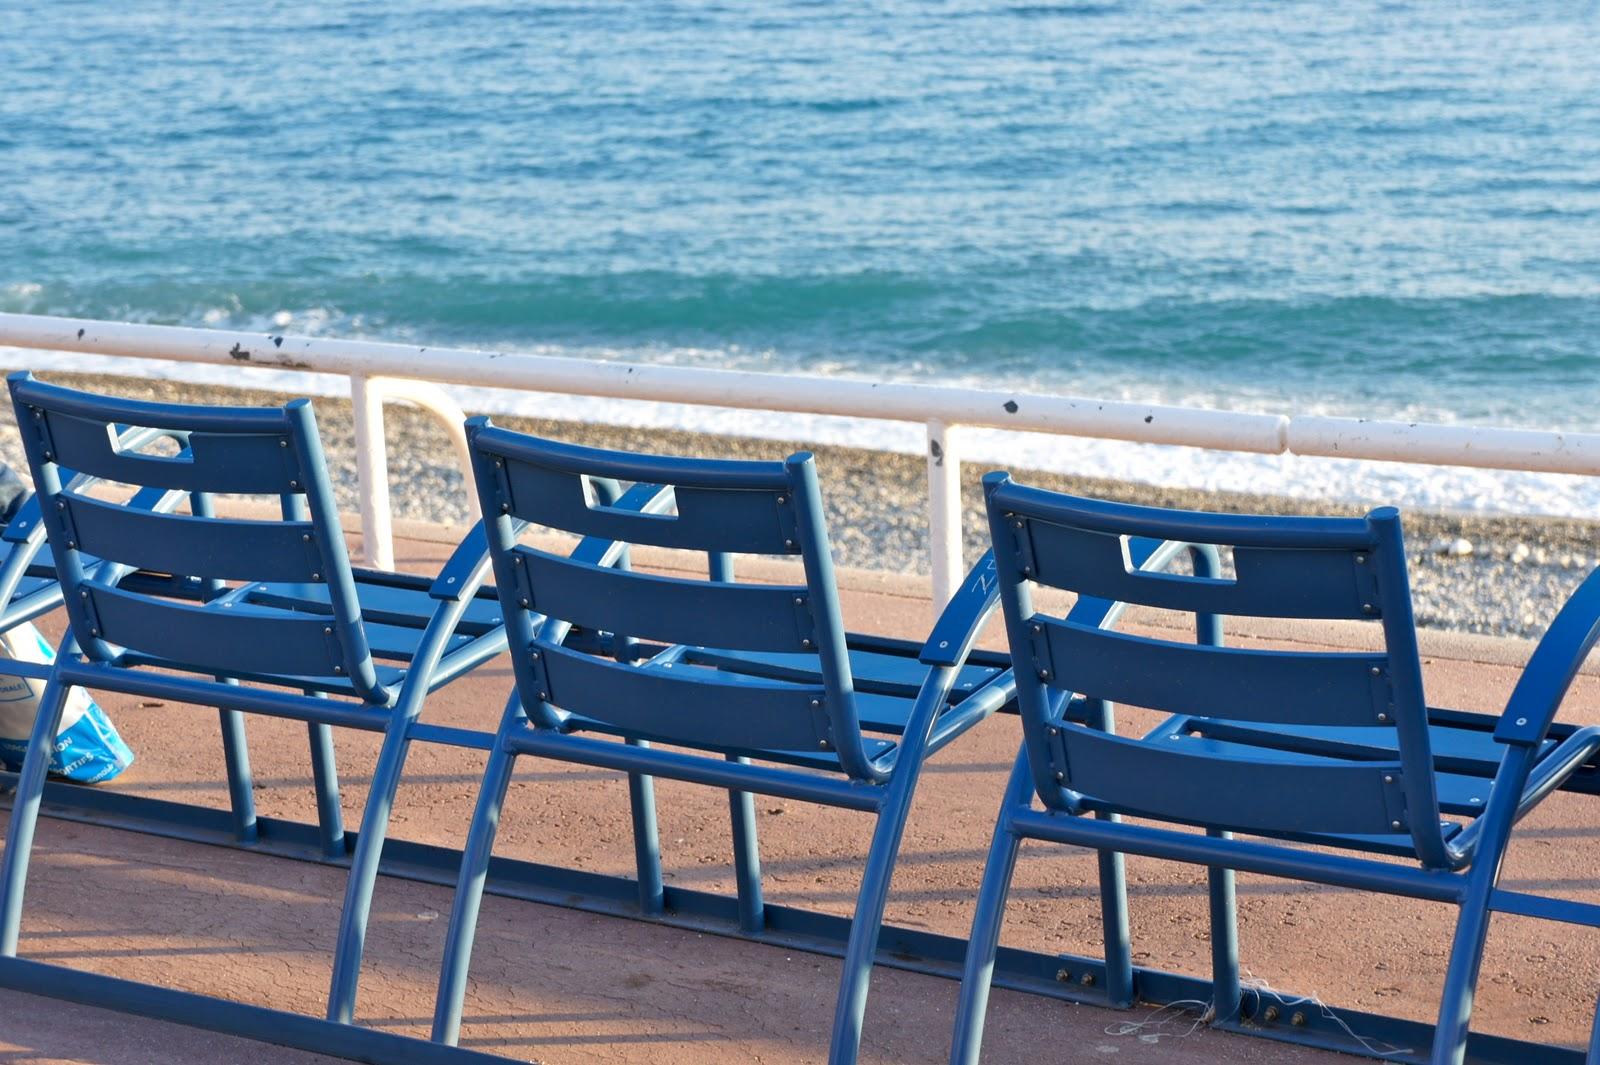 les chaises bleues de la promenades des anglais nice. Black Bedroom Furniture Sets. Home Design Ideas